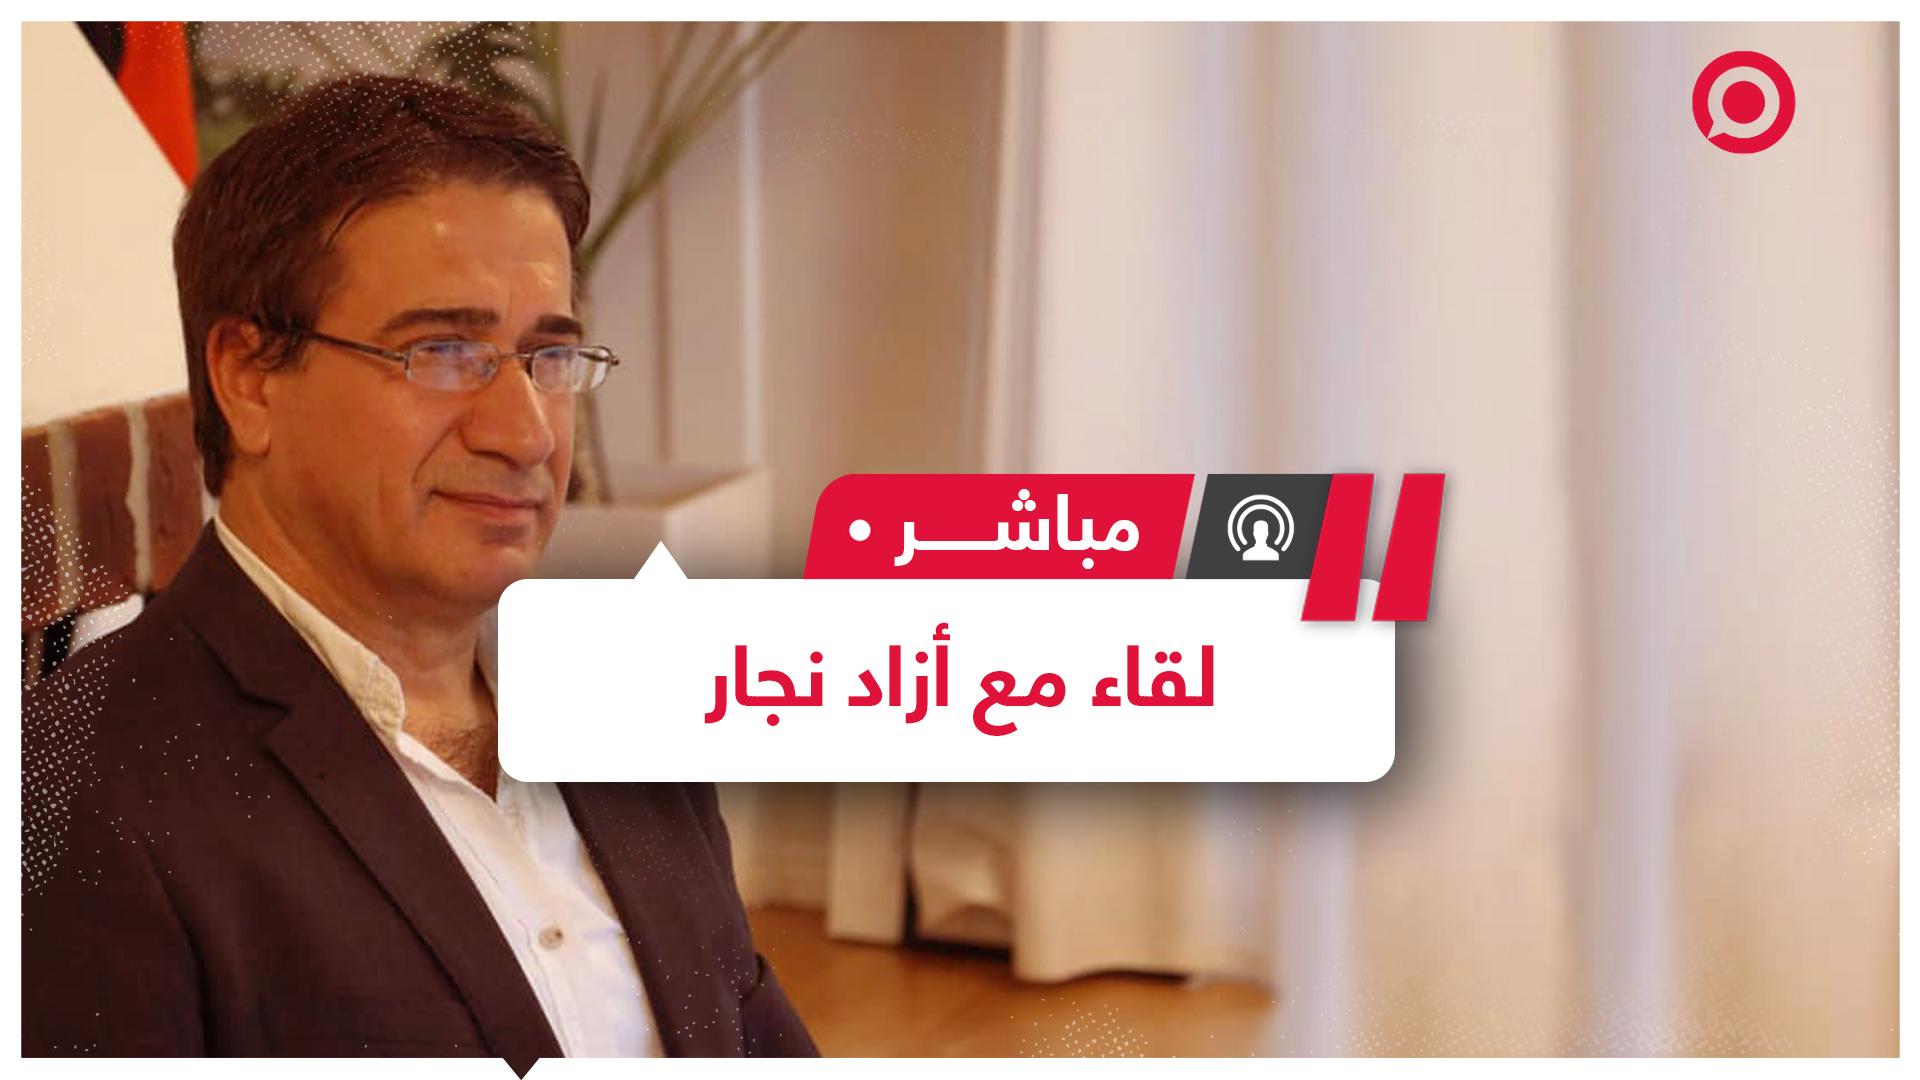 طبيب عراقي يبتكر قلبا اصطناعيا يحاكي عمل القلب الطبيعي للإنسان